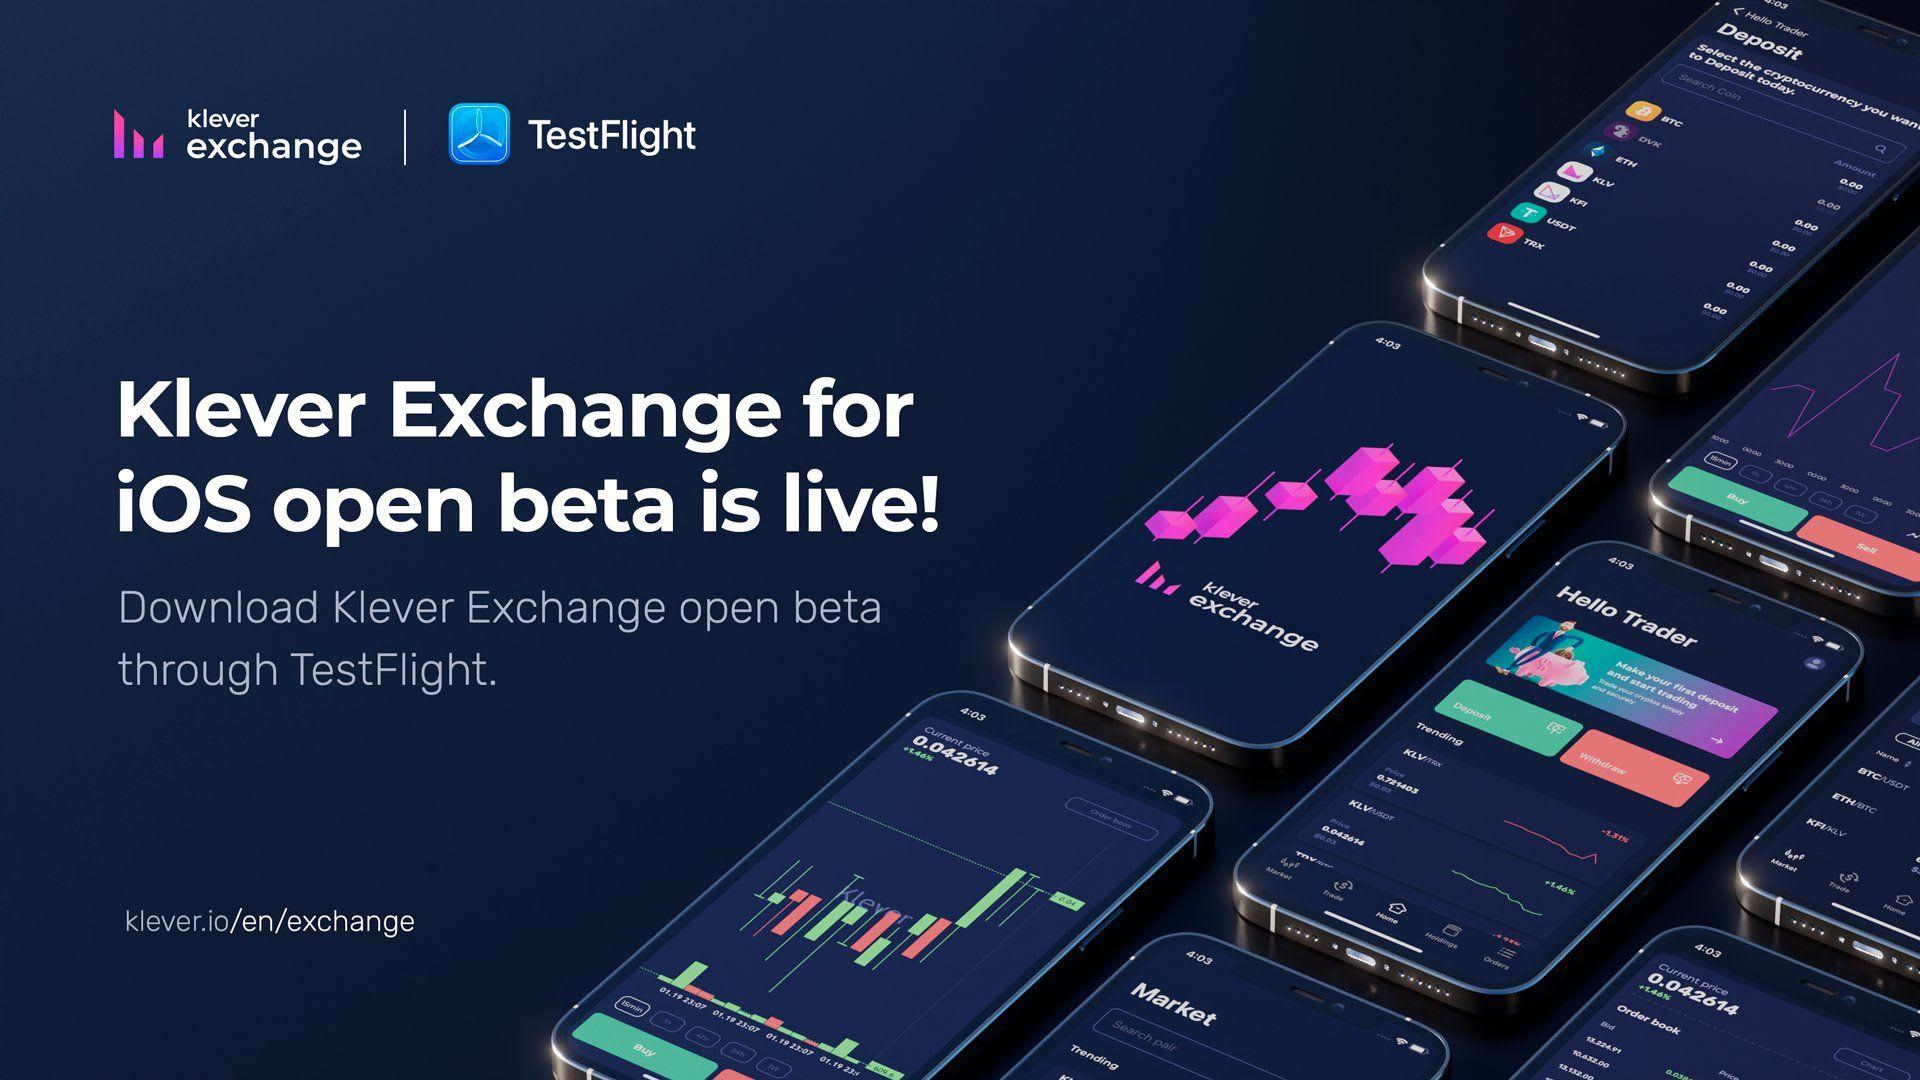 Klever Exchange iOS Open Beta